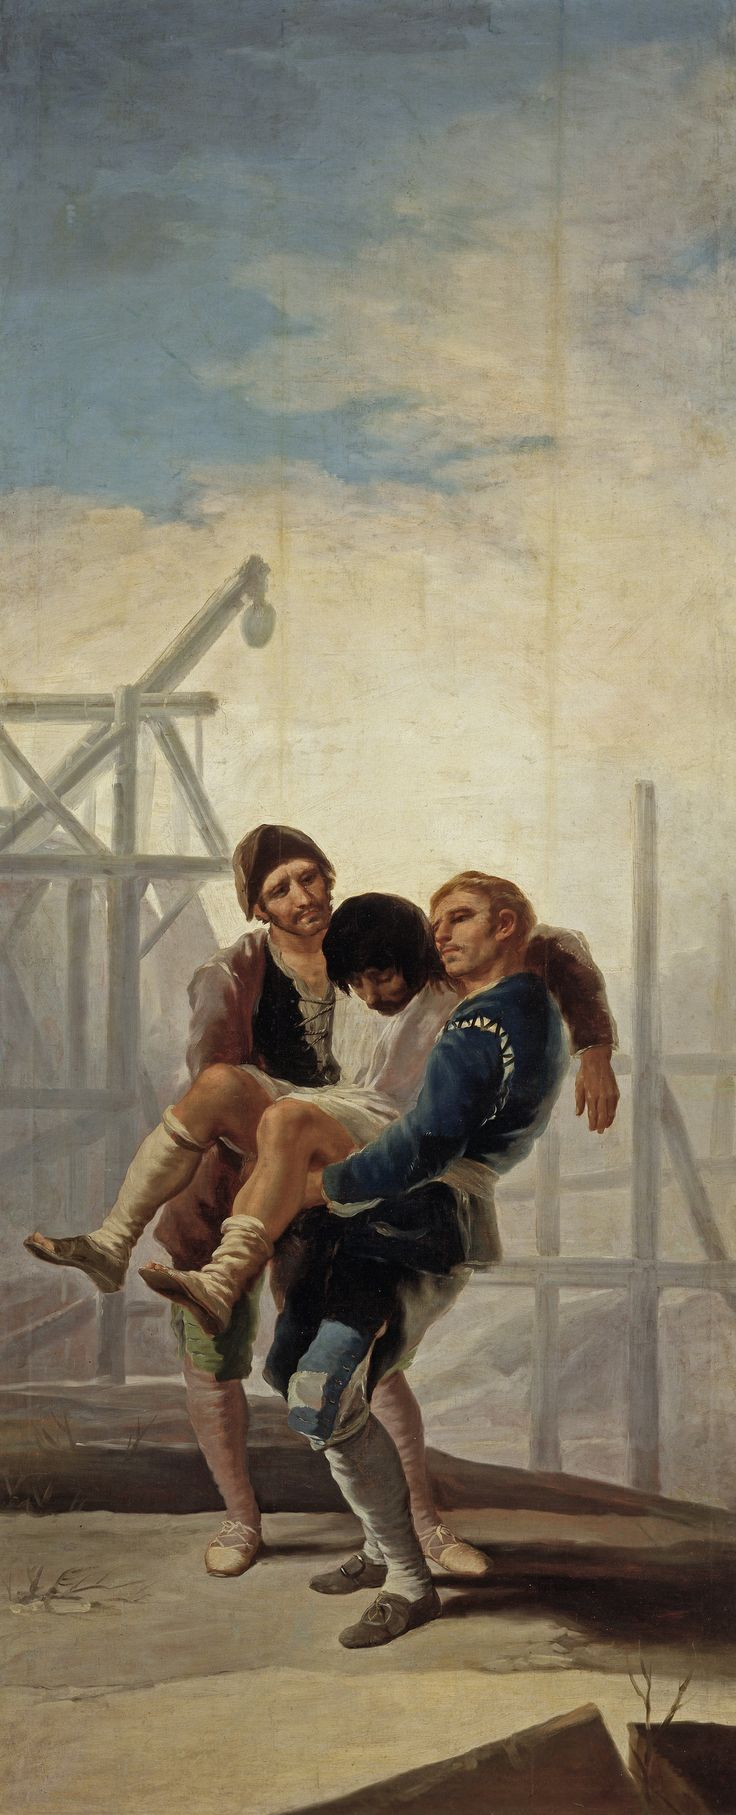 """Francisco de Goya: """"El albañil herido"""". Oil on canvas, 268 x 110 cm, 1786-87. Museo Nacional del Prado, Madrid, Spain"""